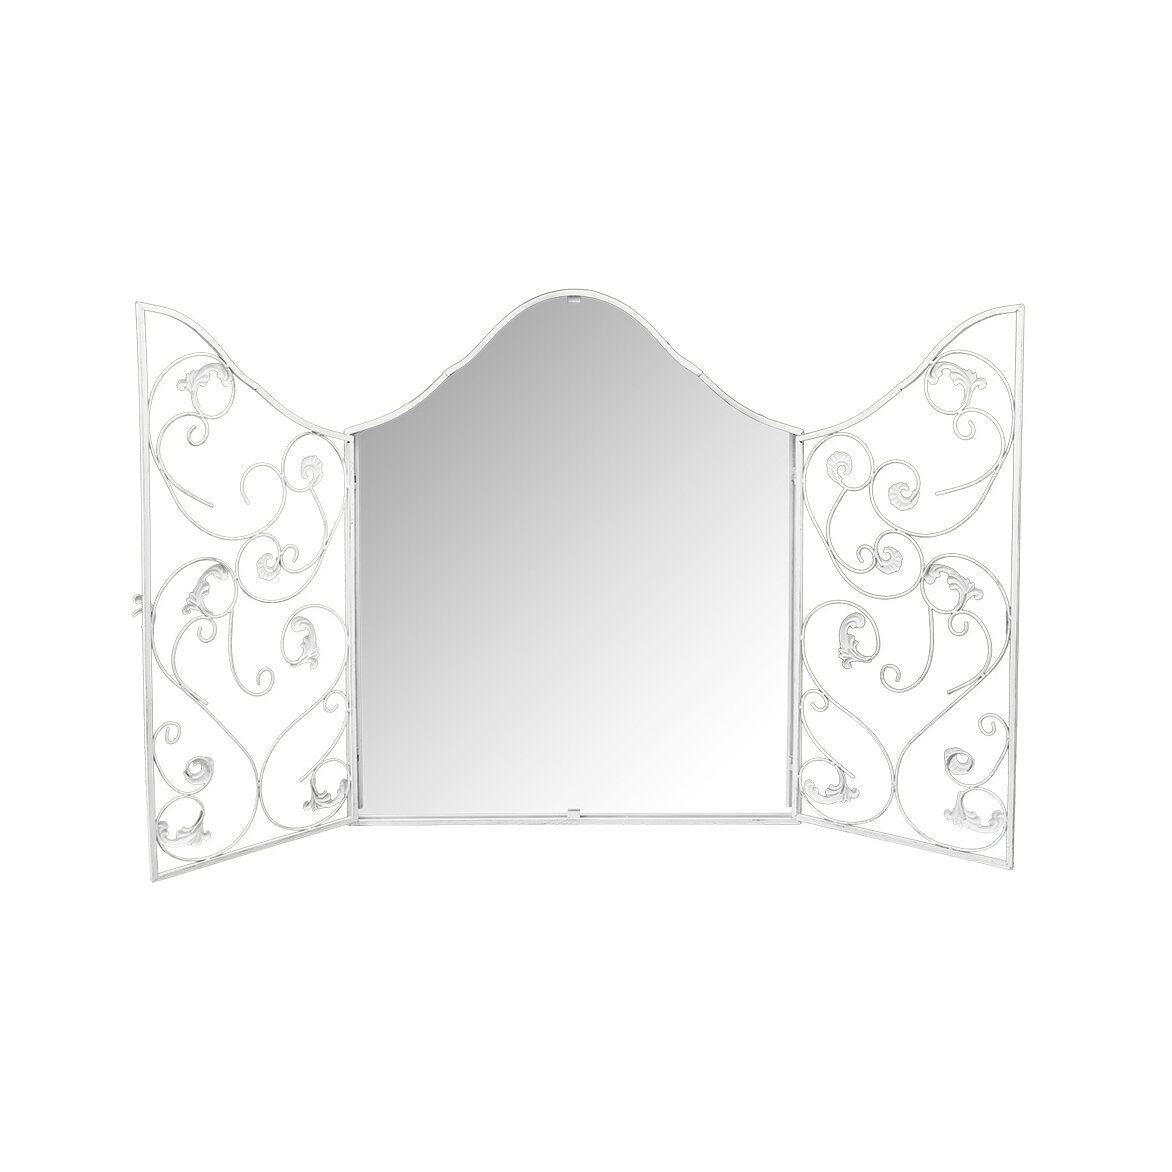 Настенное зеркало «Монтанер» (белый антик) 2 | Настенные зеркала Kingsby